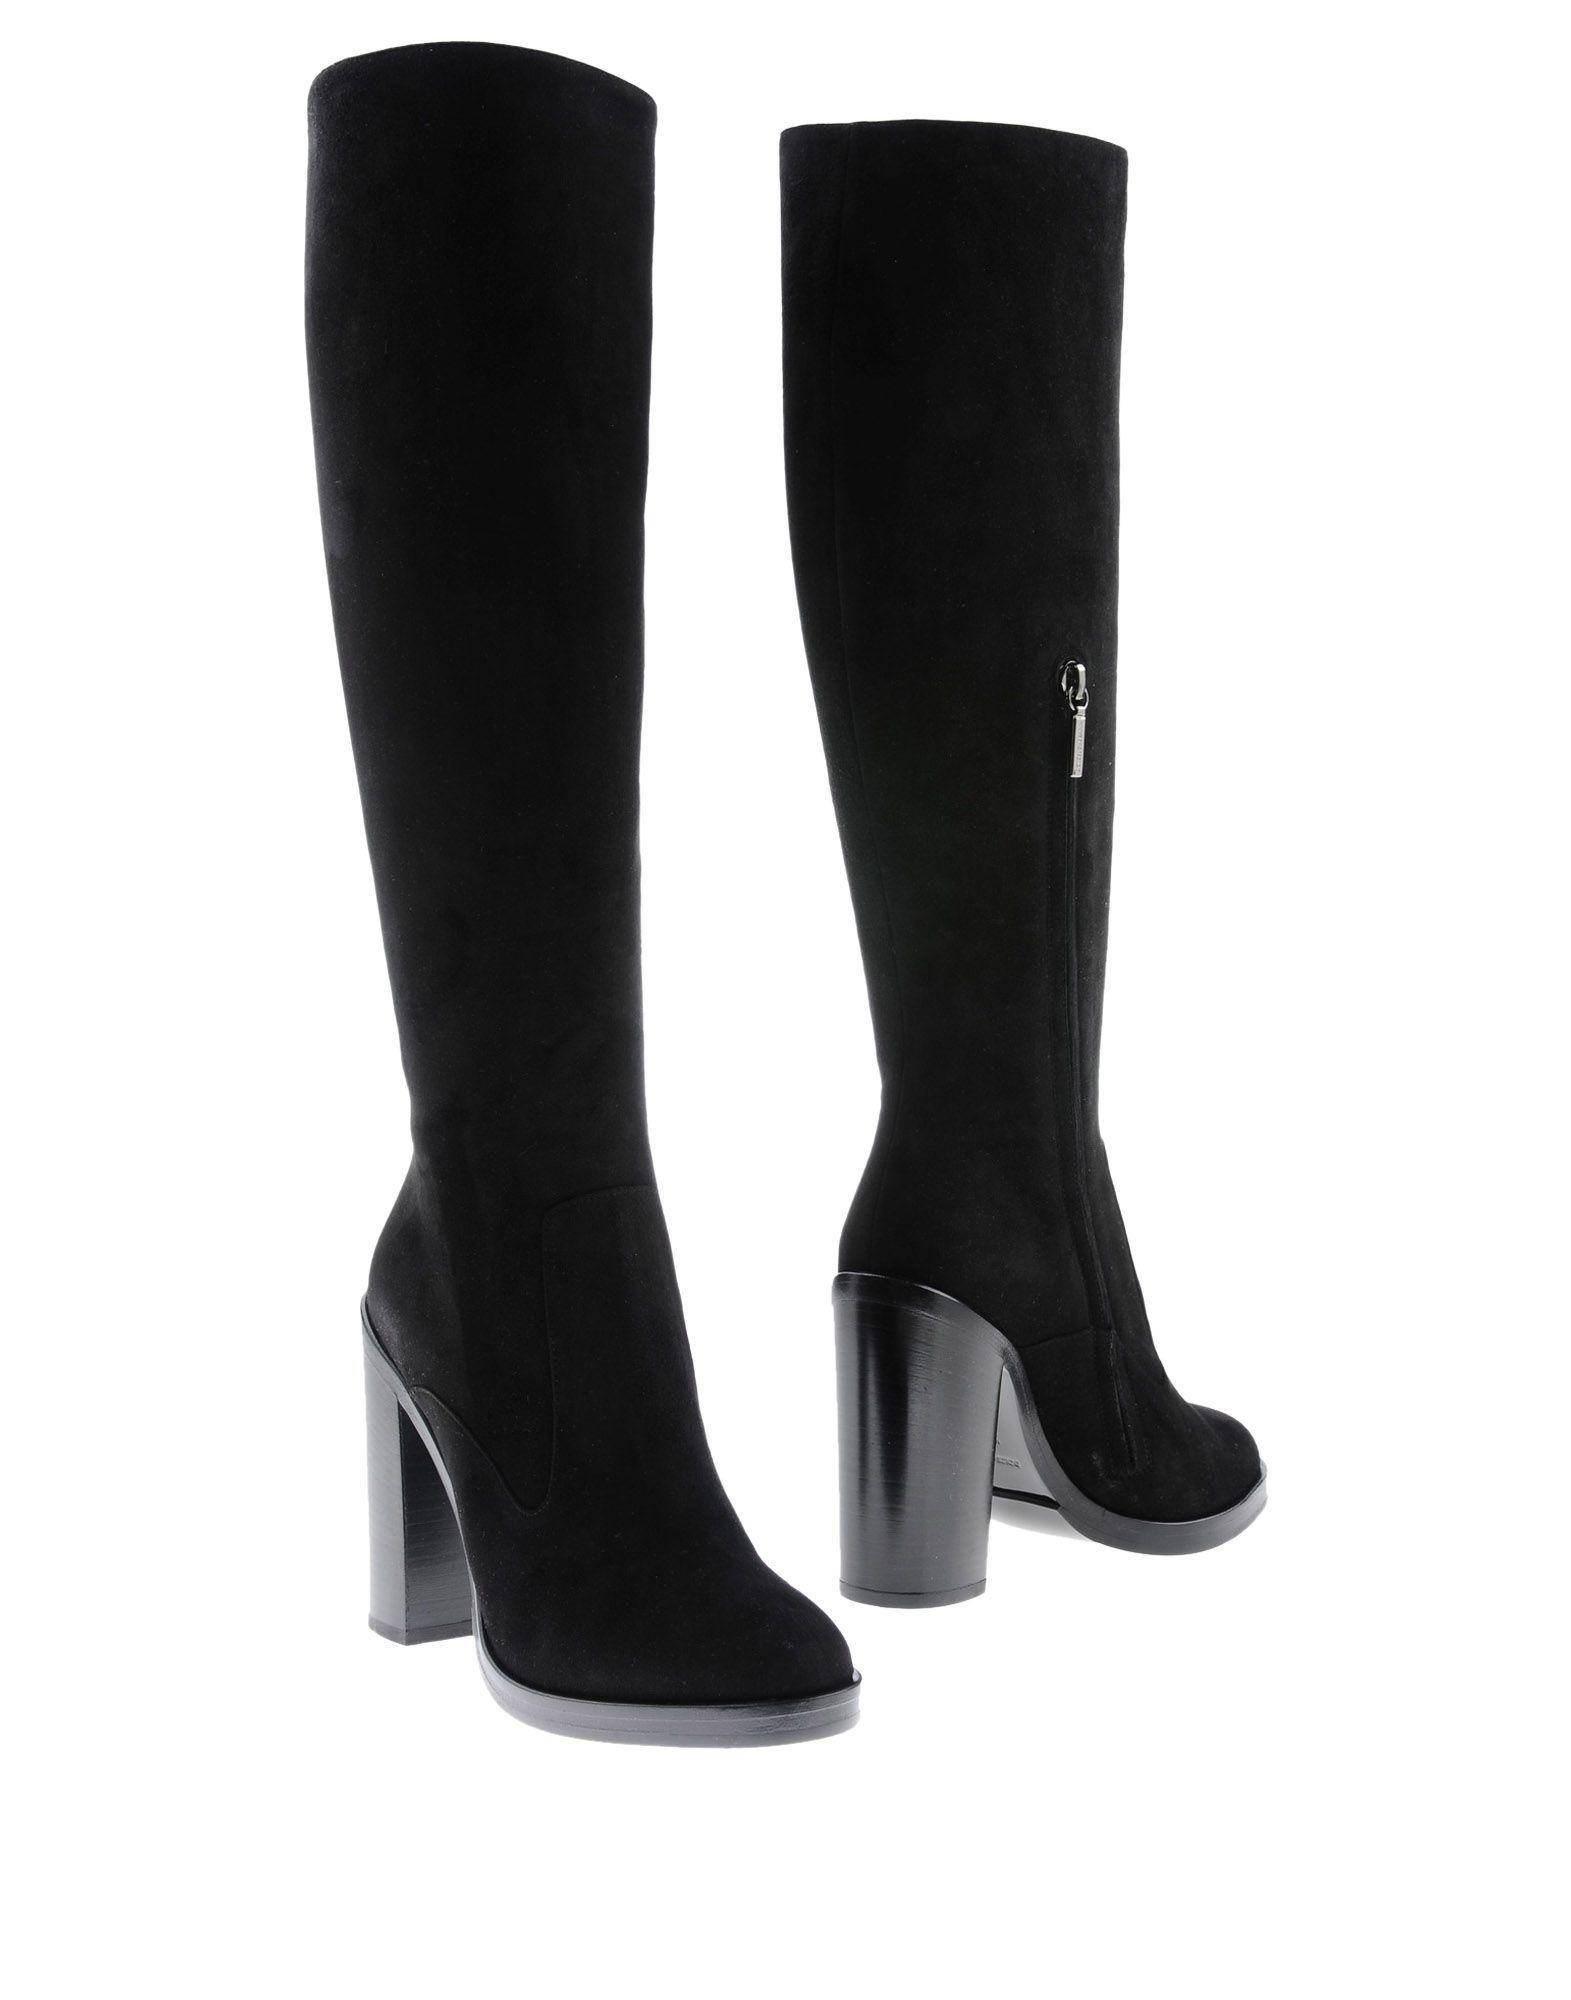 Dolce & Gabbana Women's Boots Goat Skin